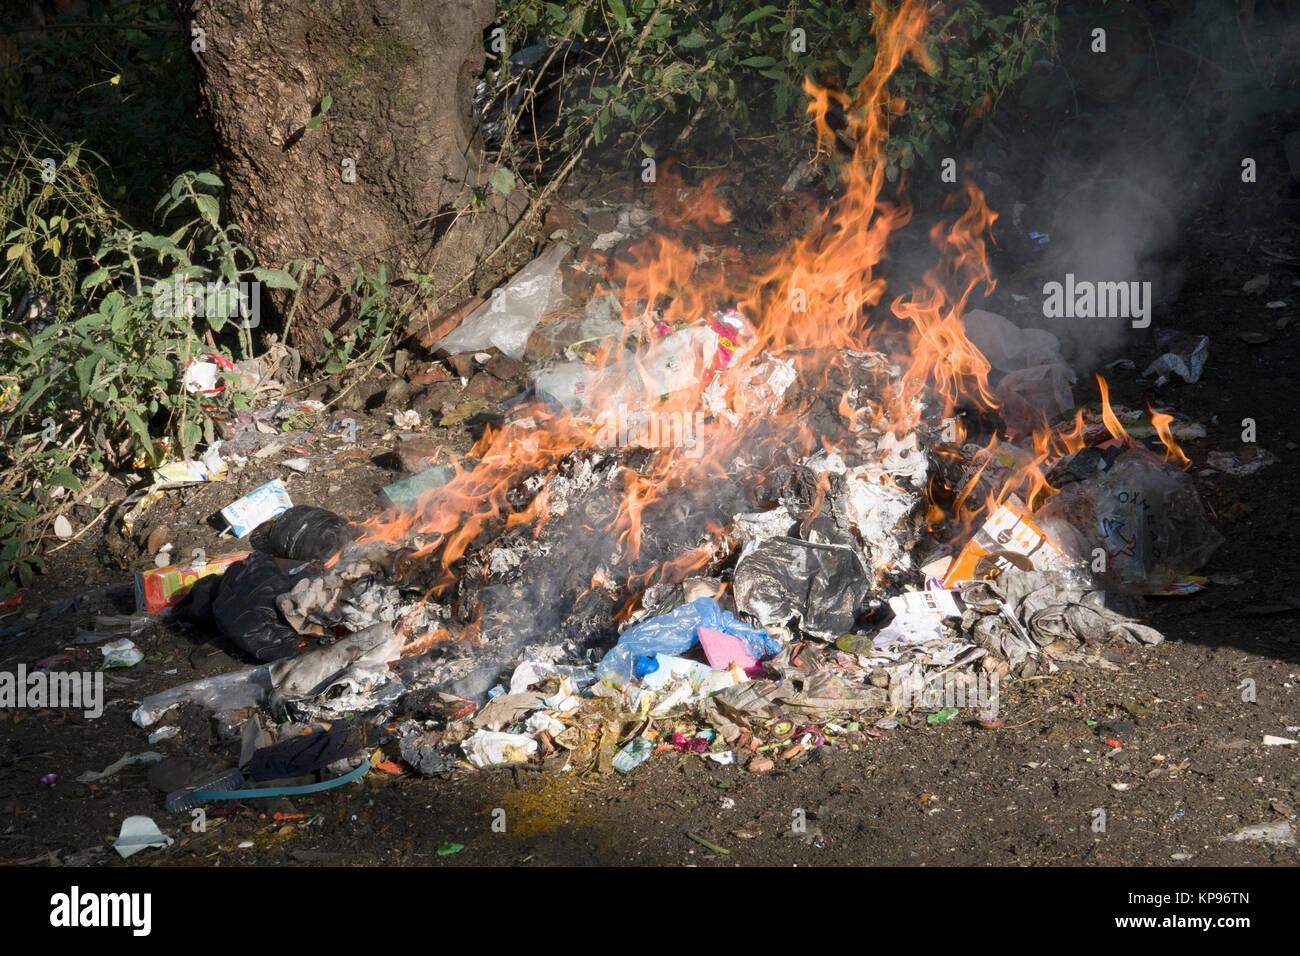 Burning Rubbish Stock Photos Amp Burning Rubbish Stock